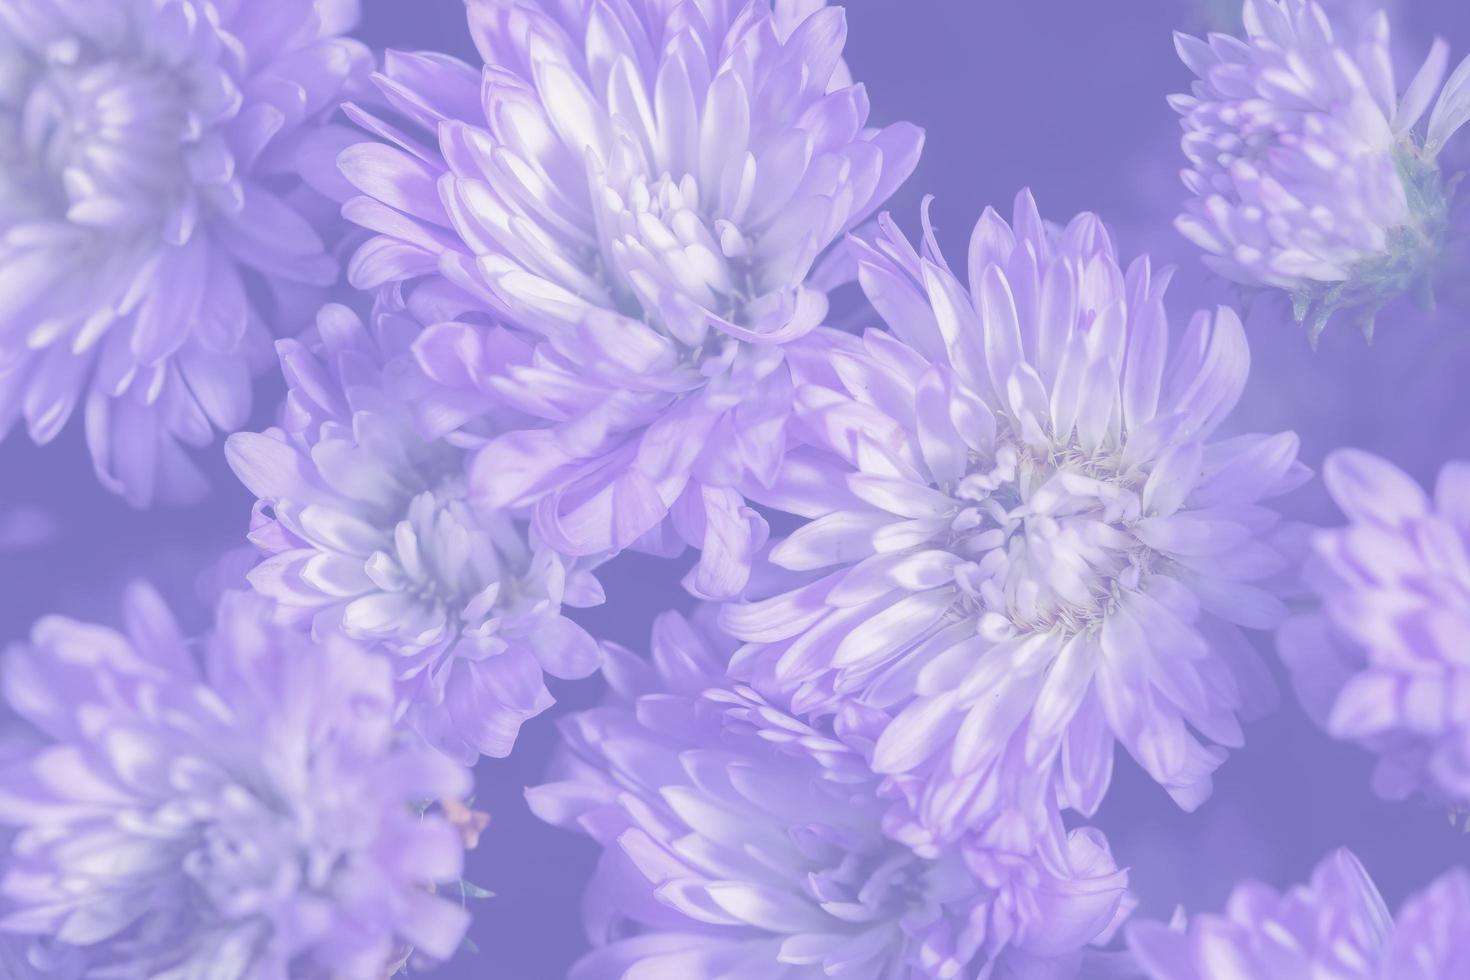 sfondo fiore viola foto